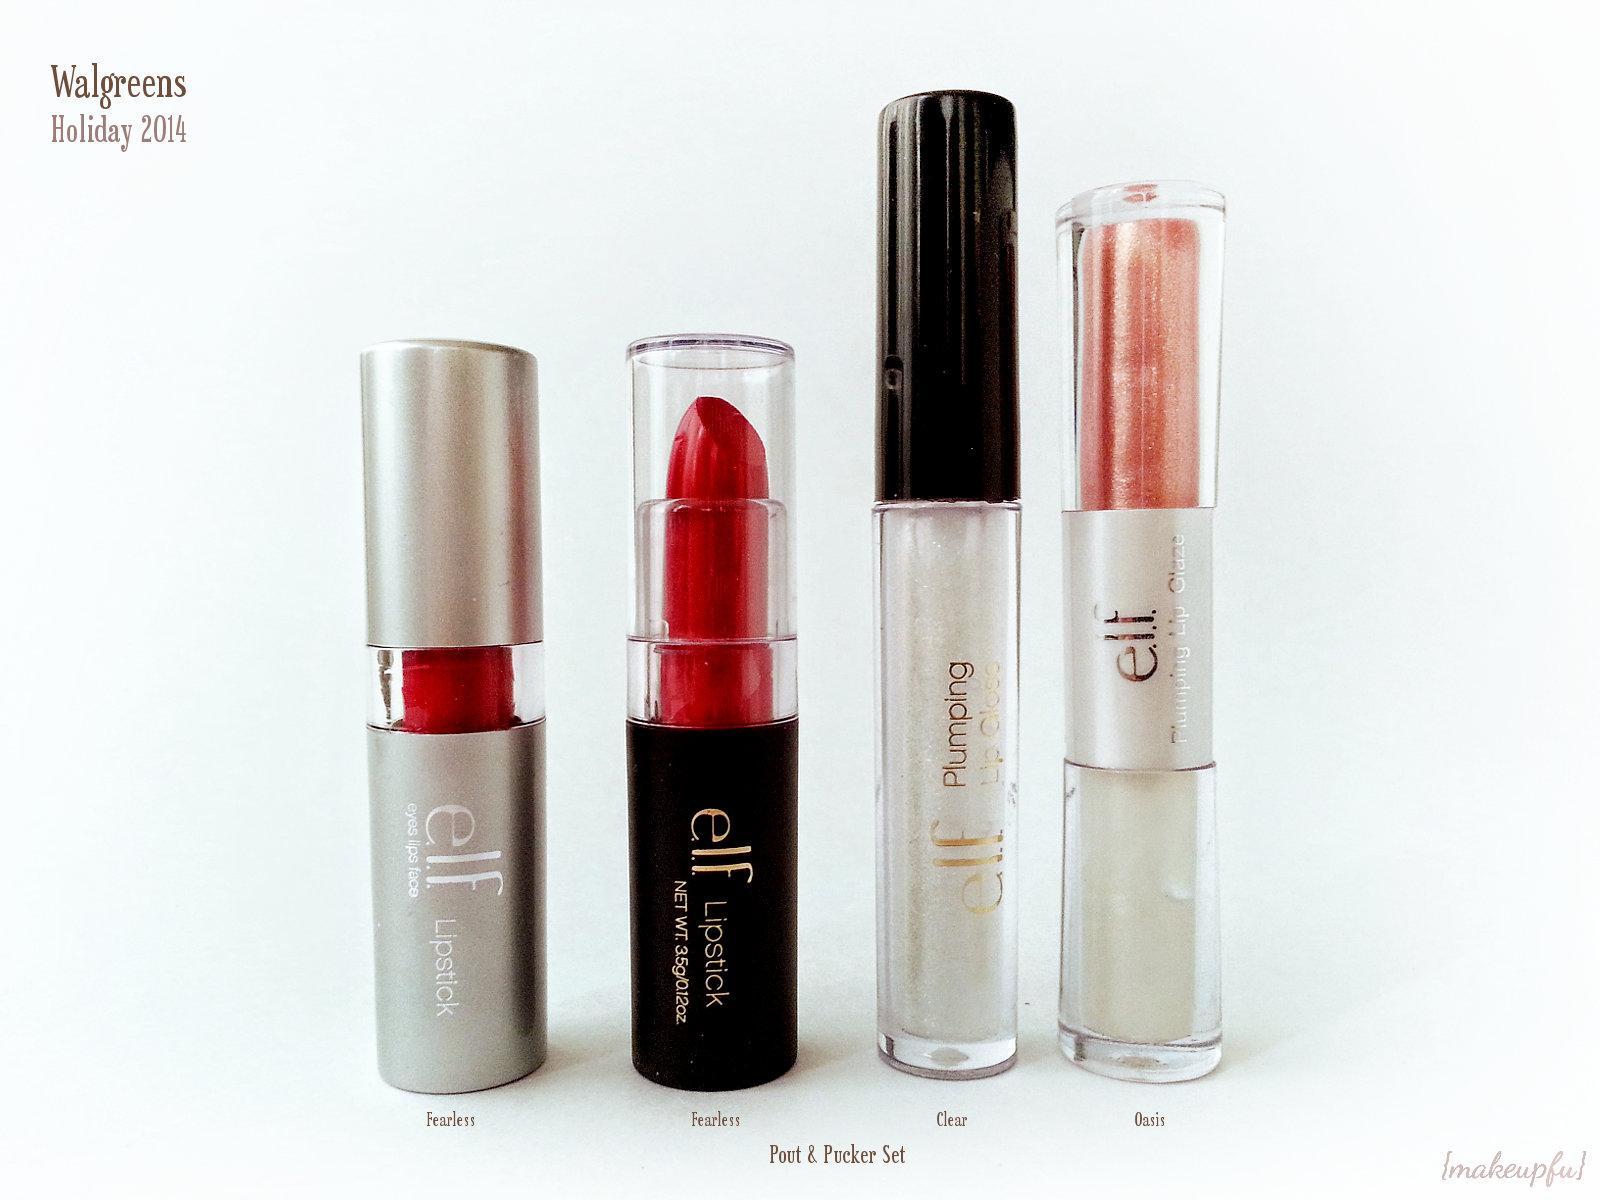 e.l.f. Pout & Pucker Lip Set vs e.l.f. Essential Lipstick in Fearless and Essential Plumping Lip